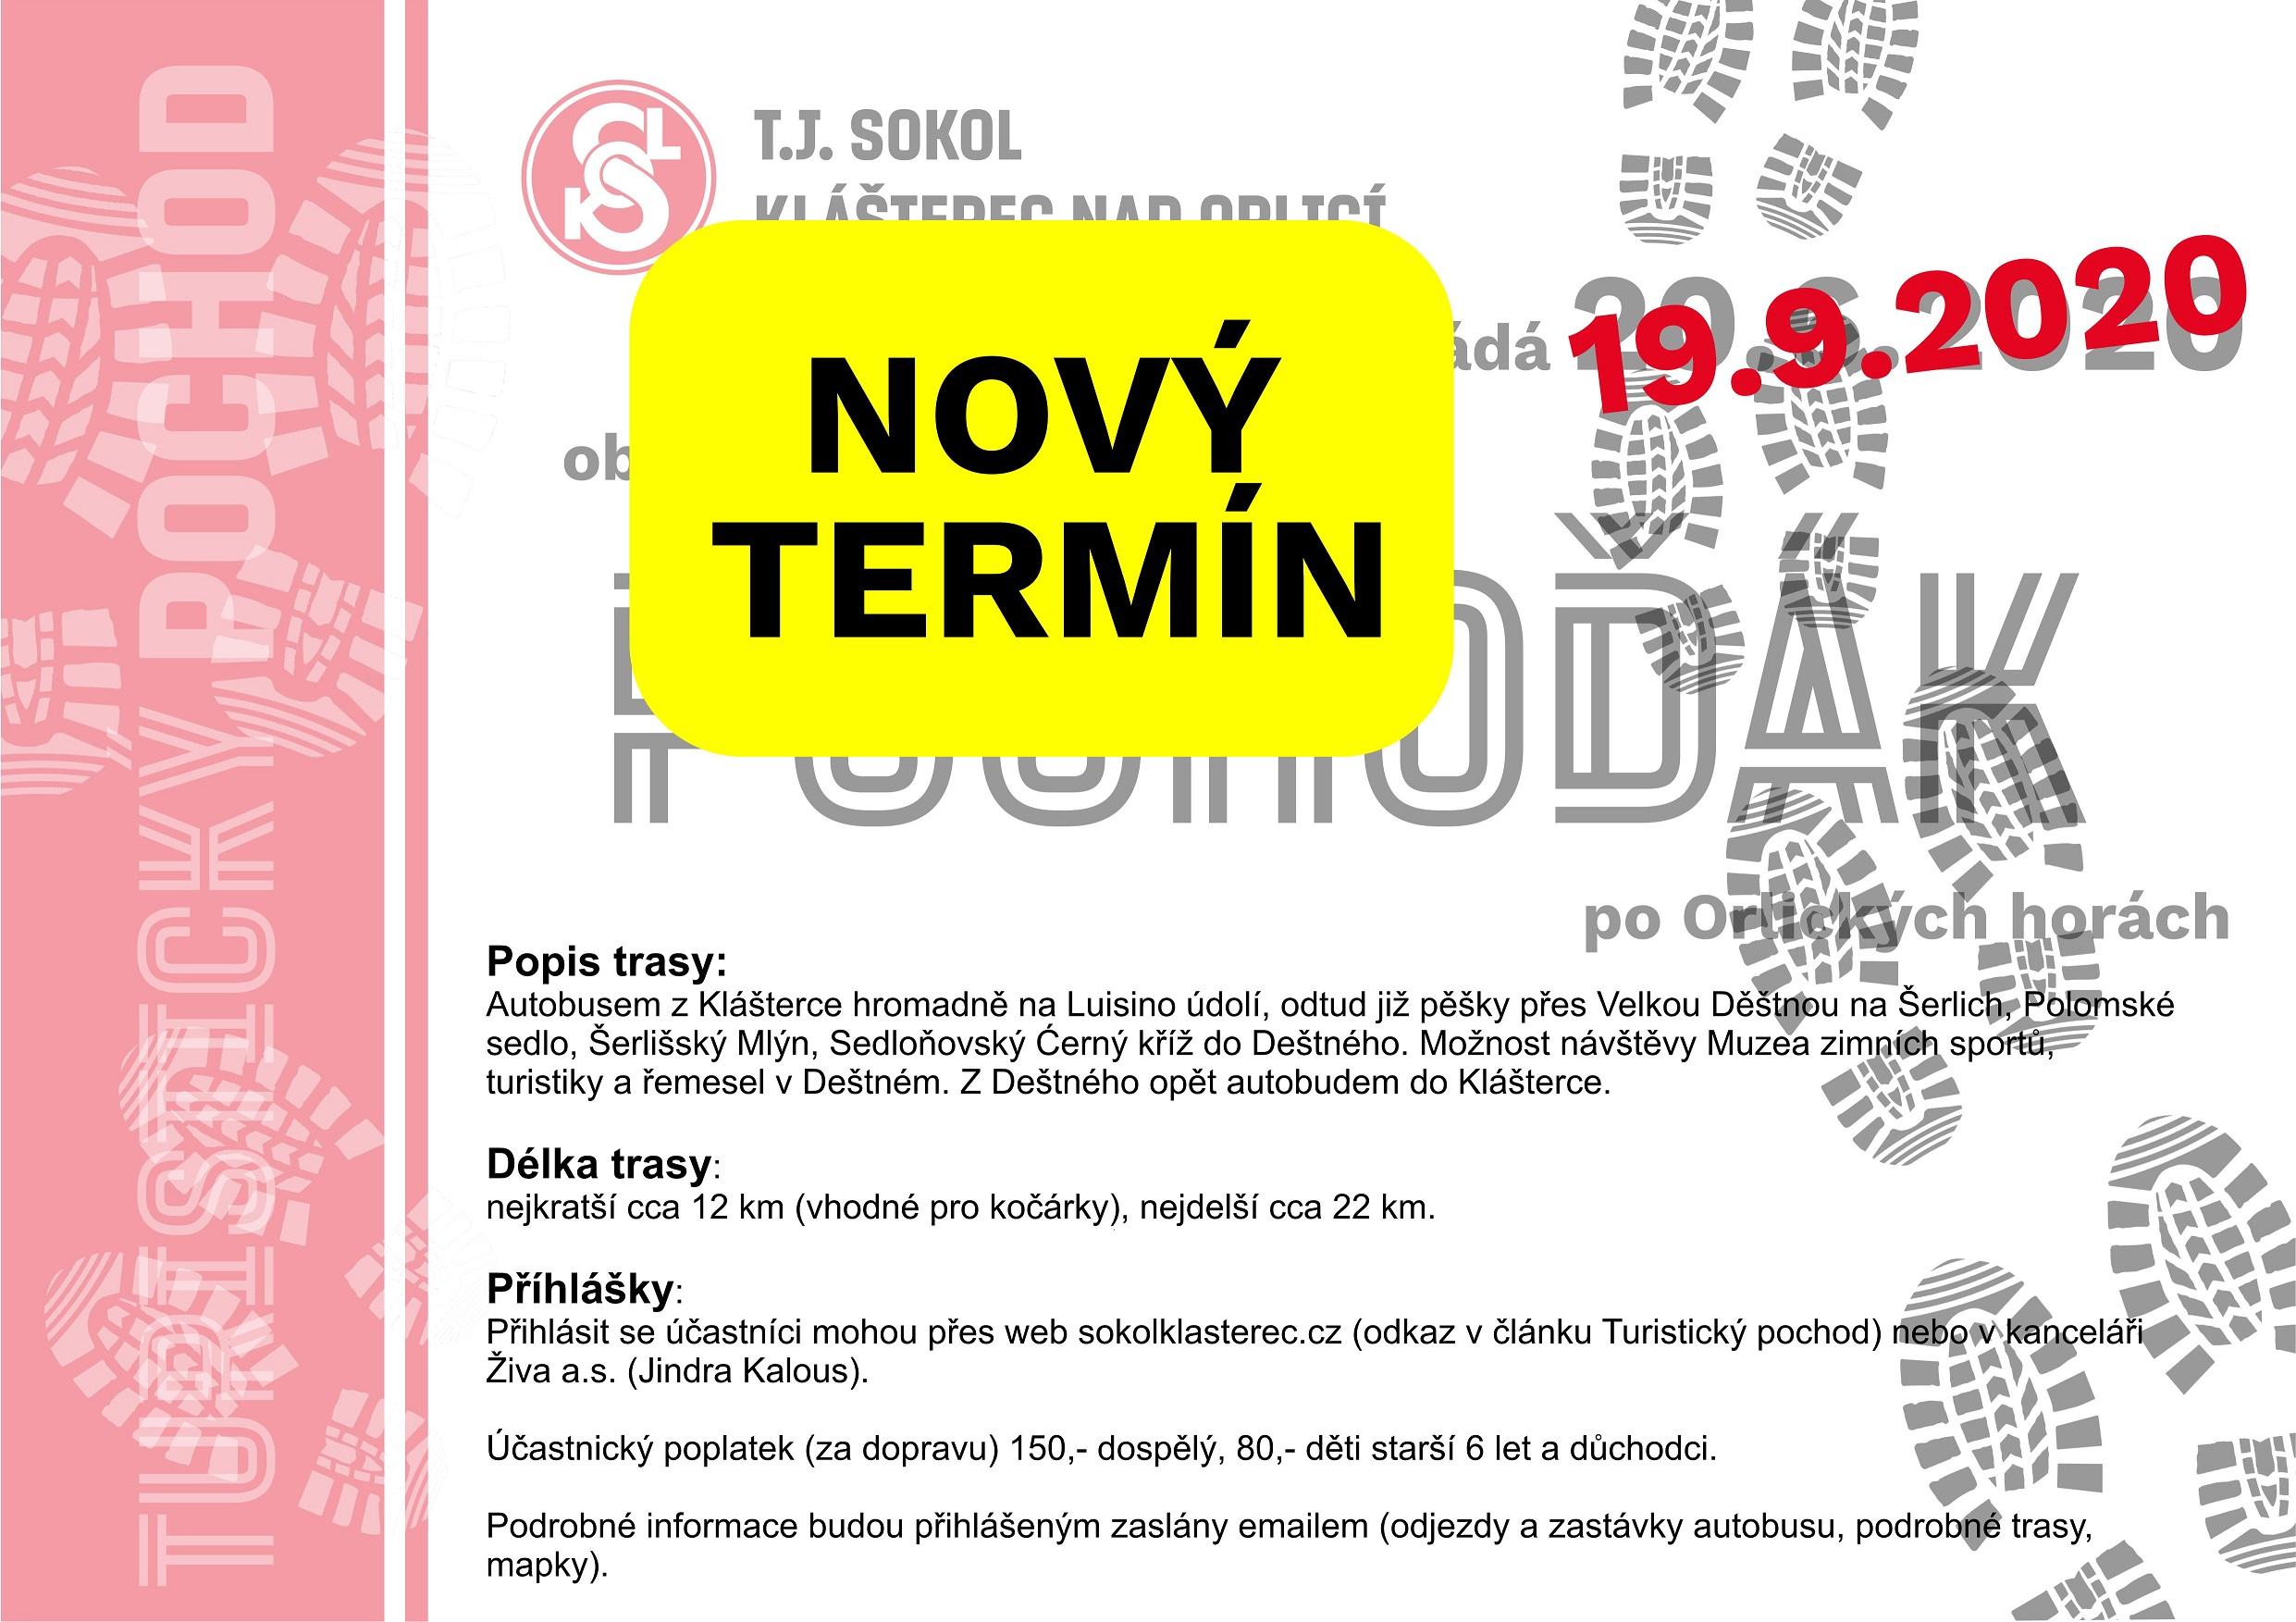 Sokol_pochodak_2020_new_date_2